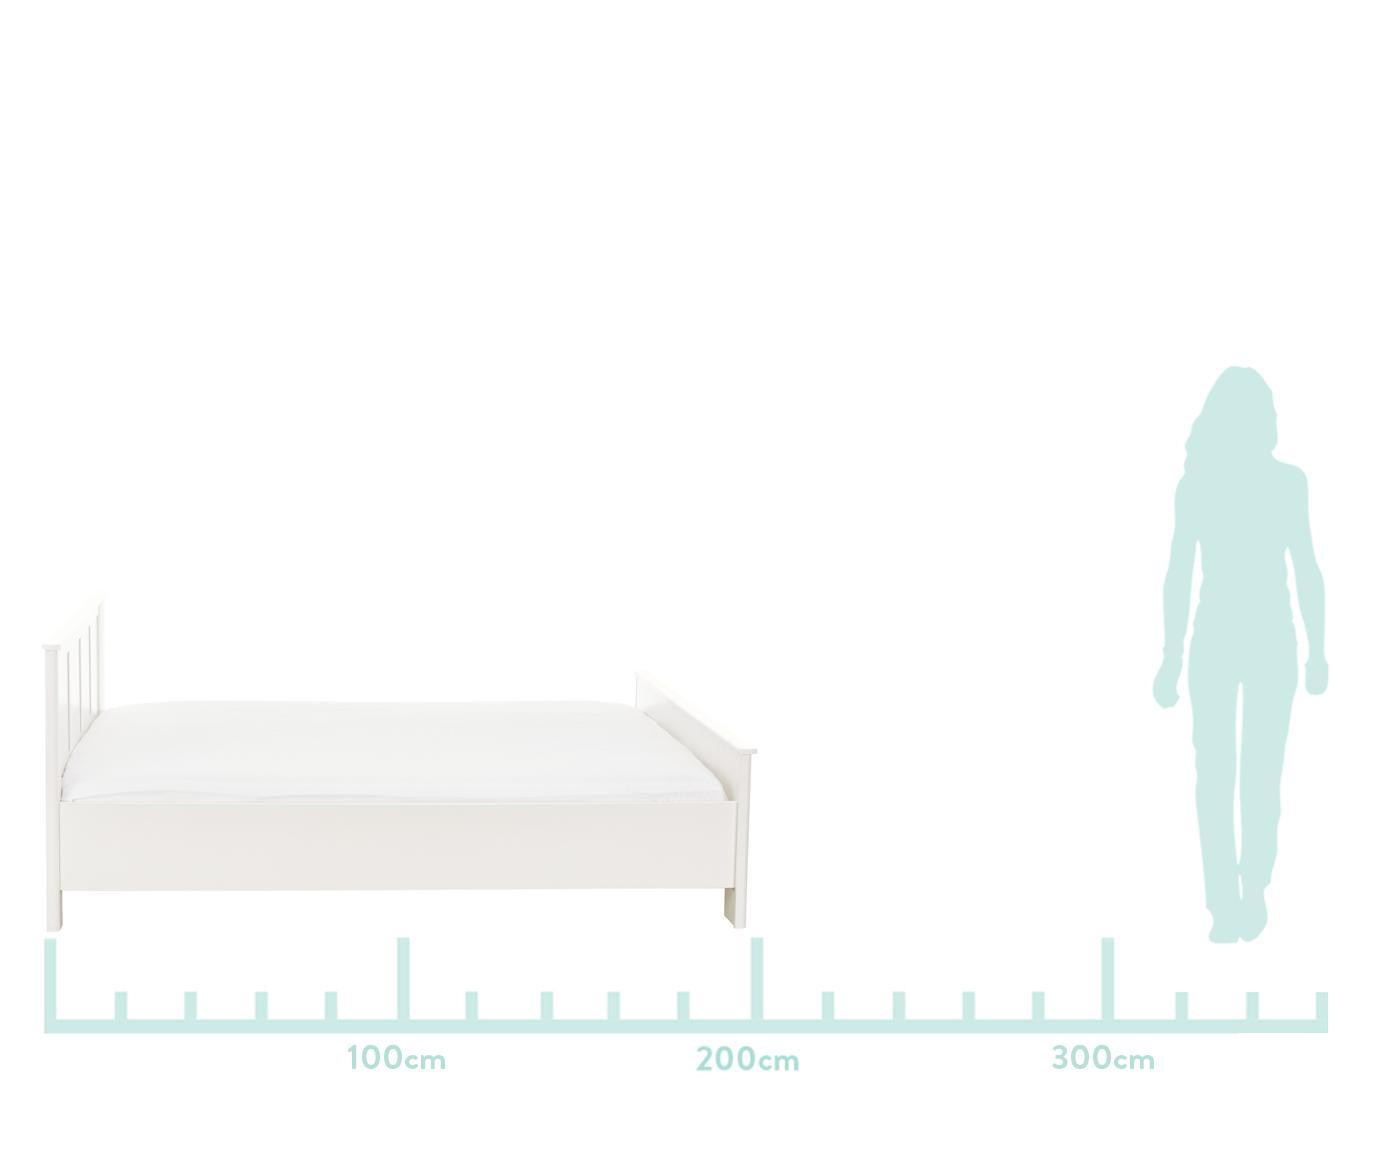 Letto matrimoniale in legno bianco Chalet, Truciolato sventato, Bianco, 160 x 200 cm